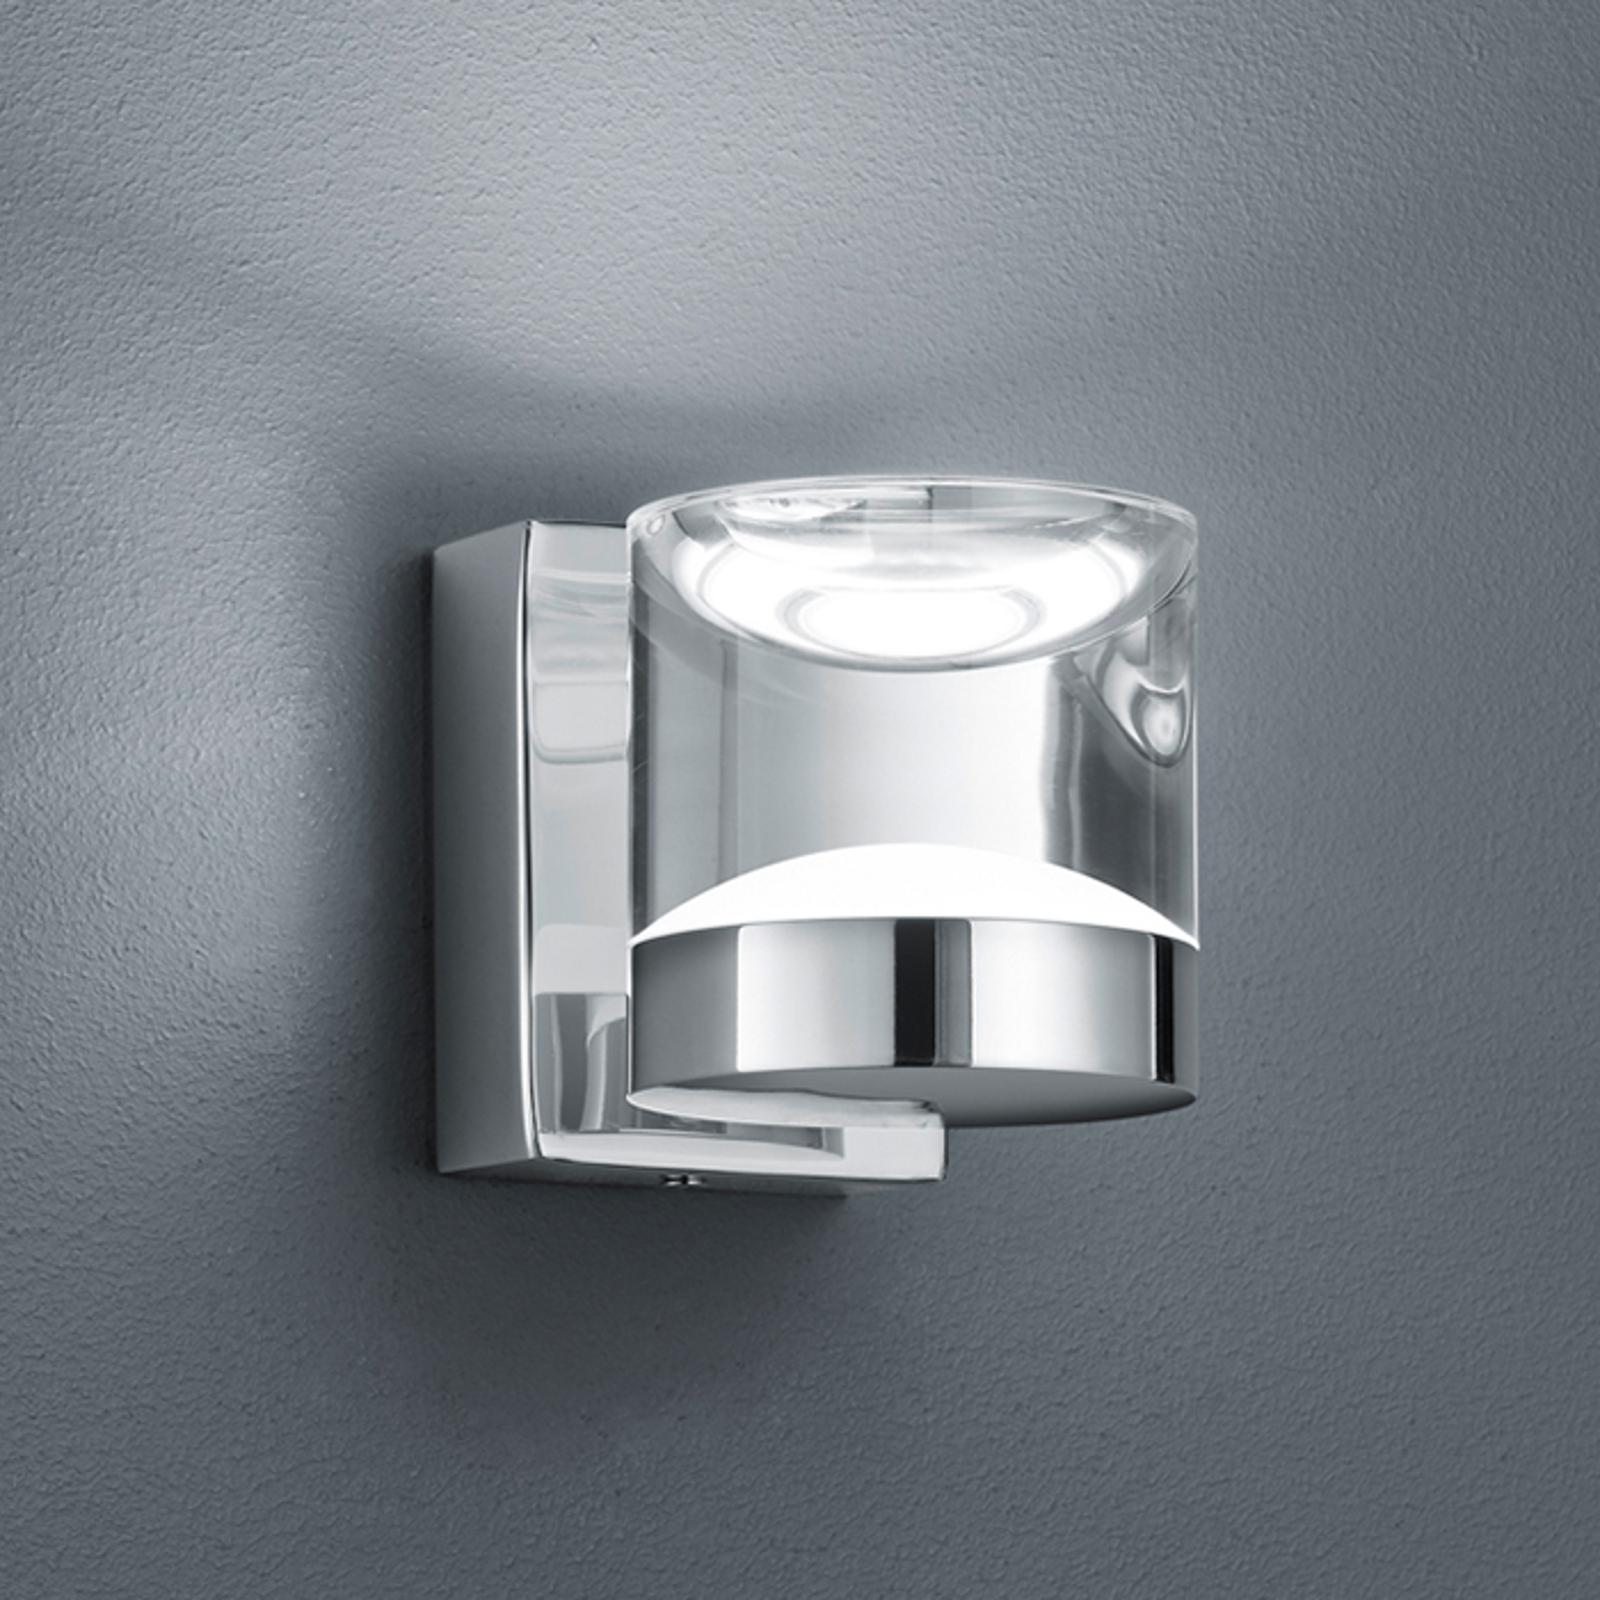 Glänsande förkromad LED-badrumsvägglampa Brian